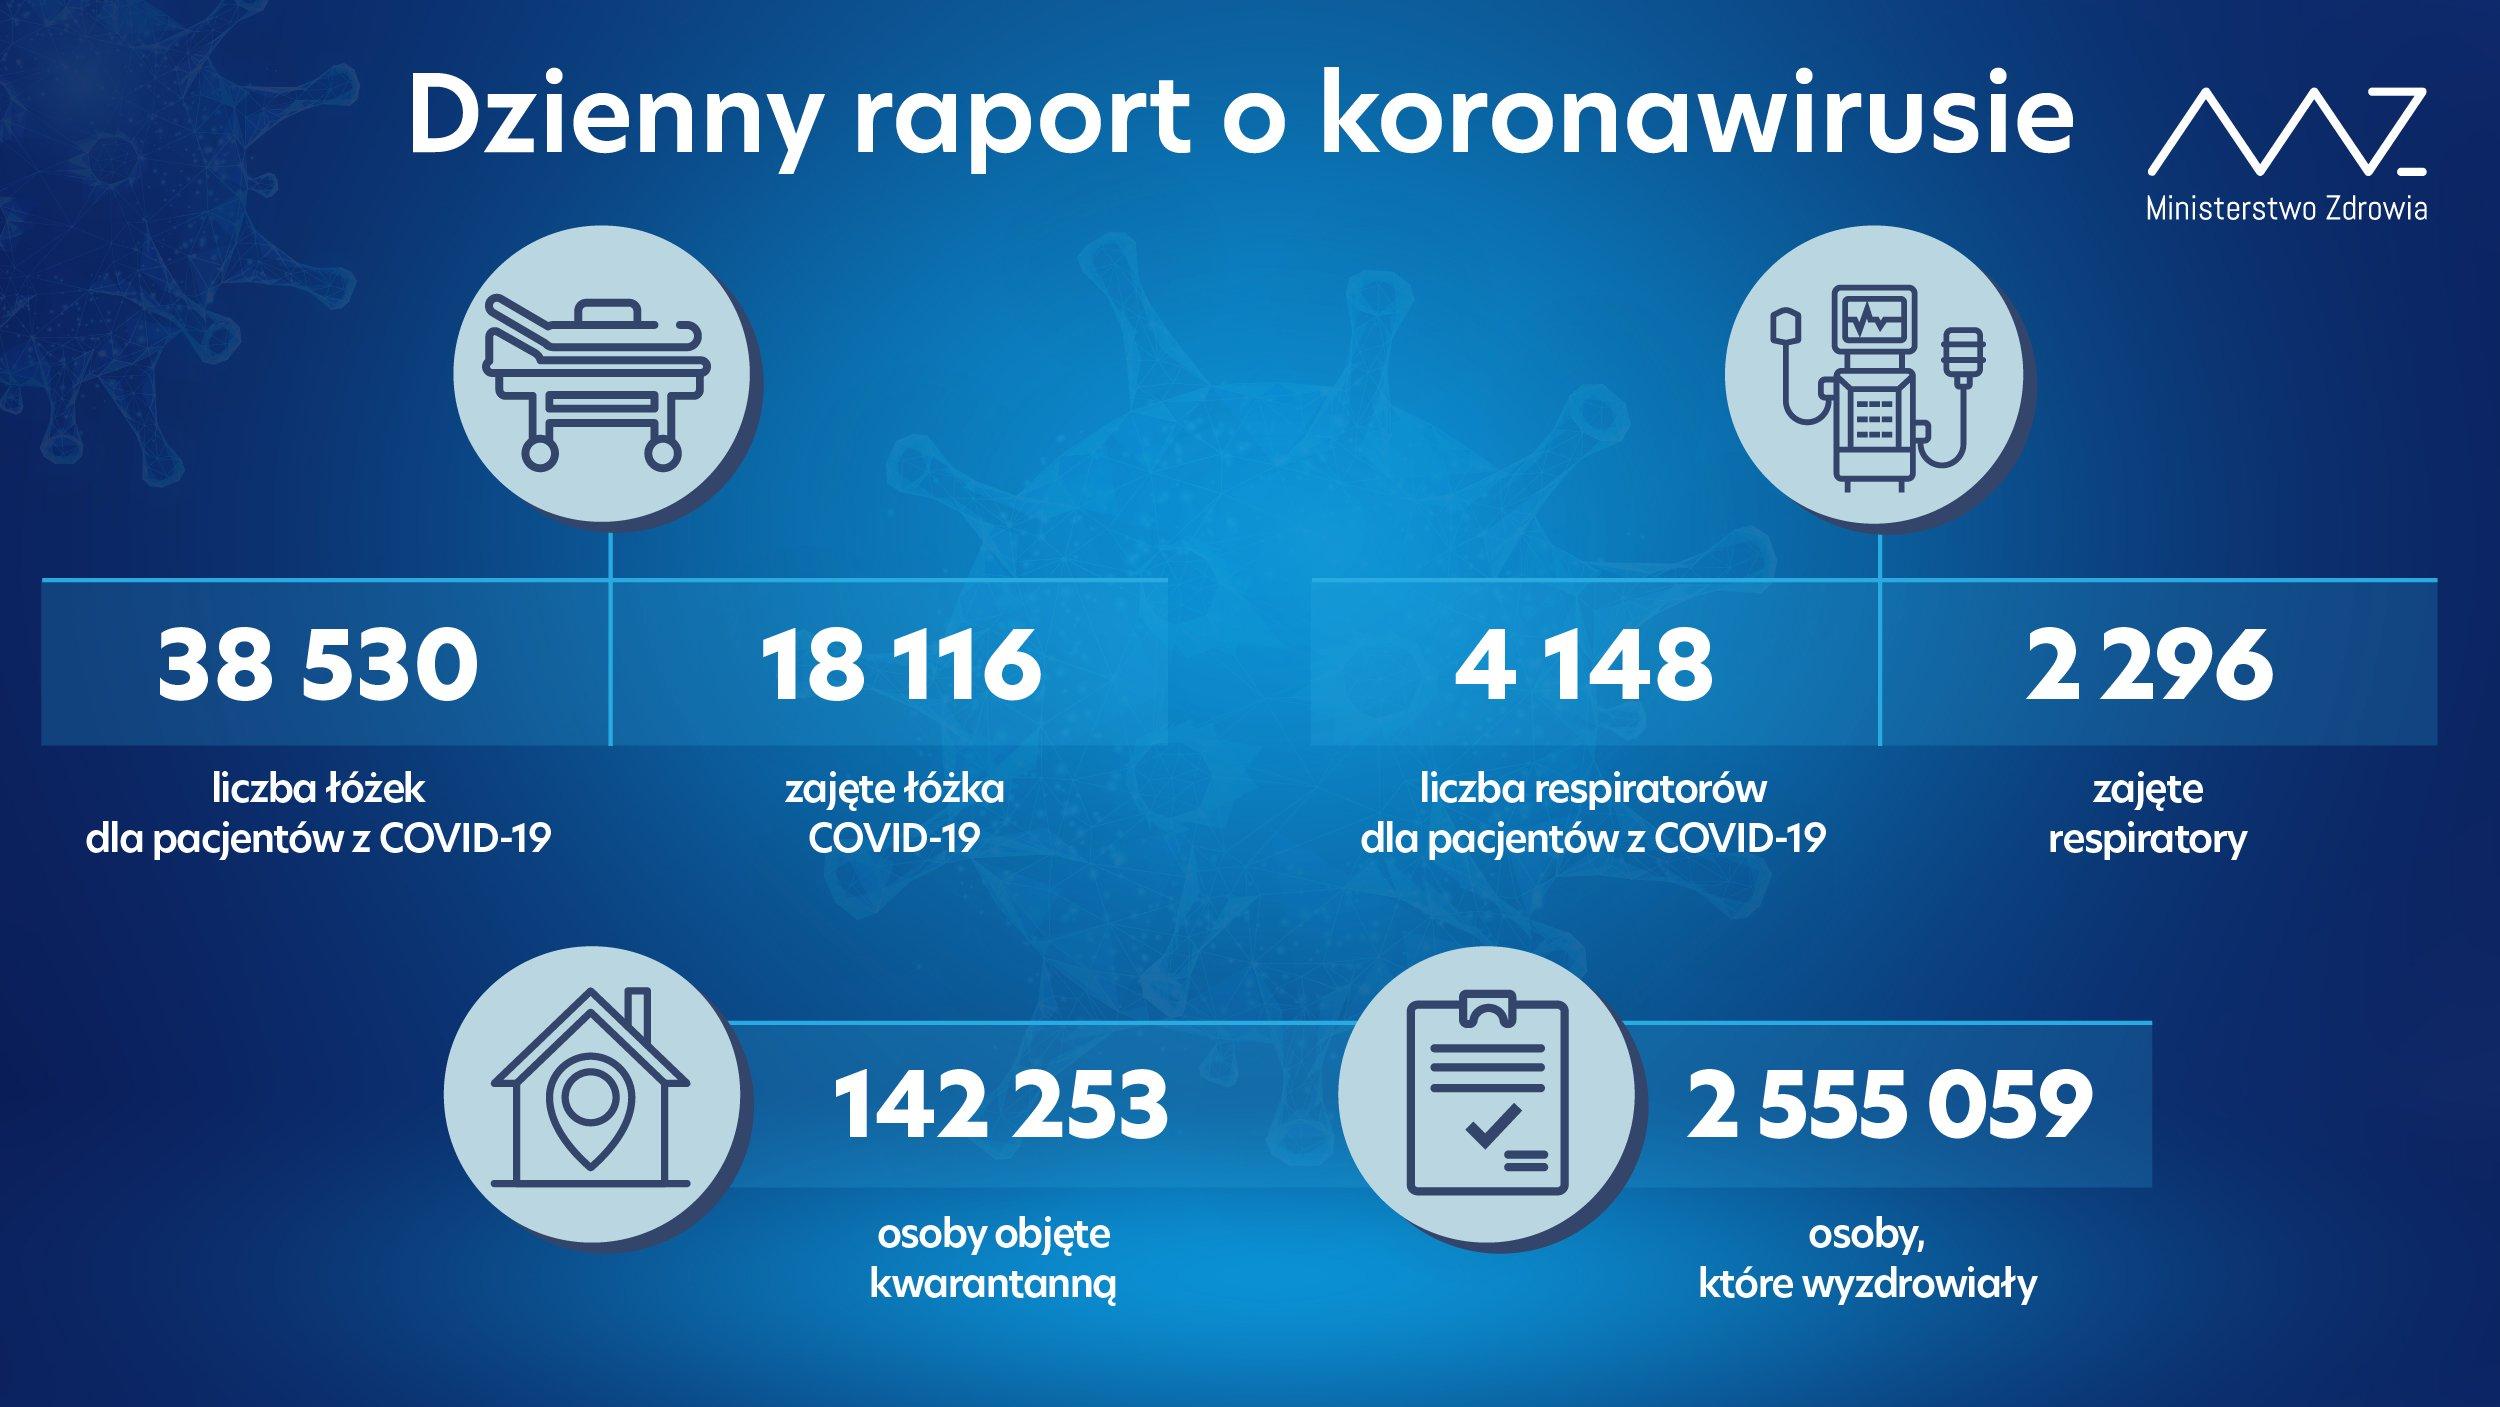 Dzienny raport dotyczący koronawirusa